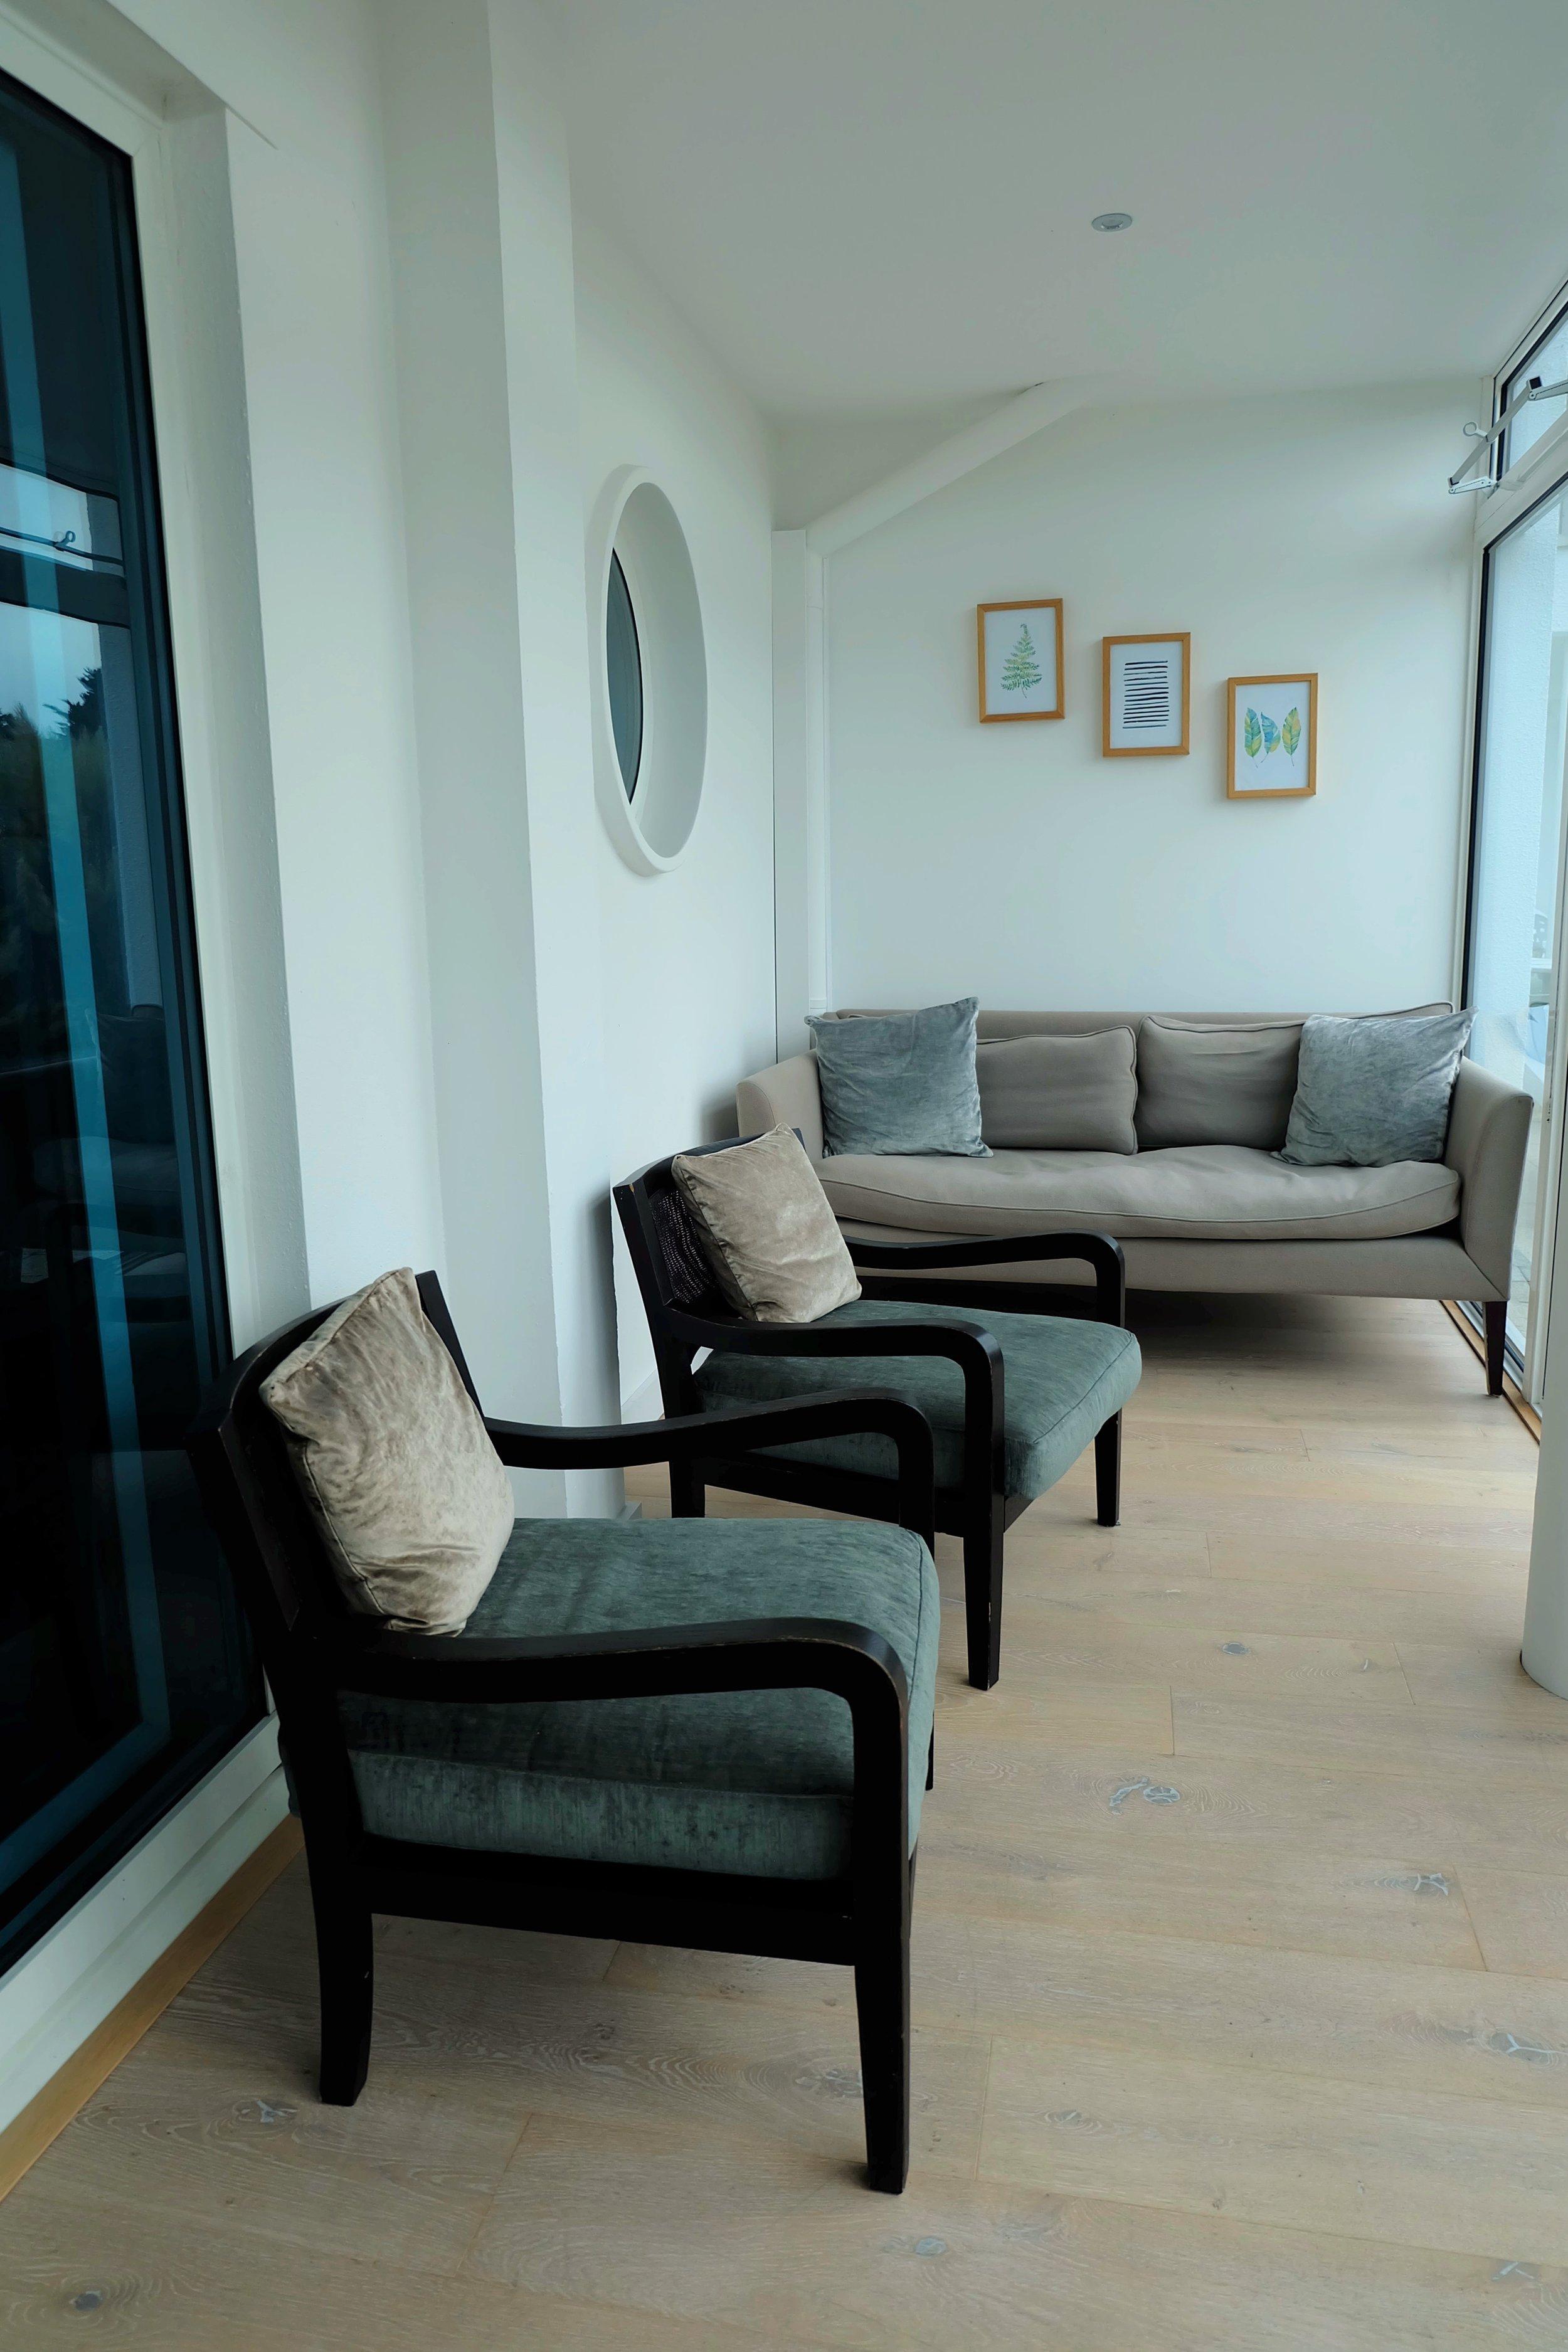 St Moritz hotel suite